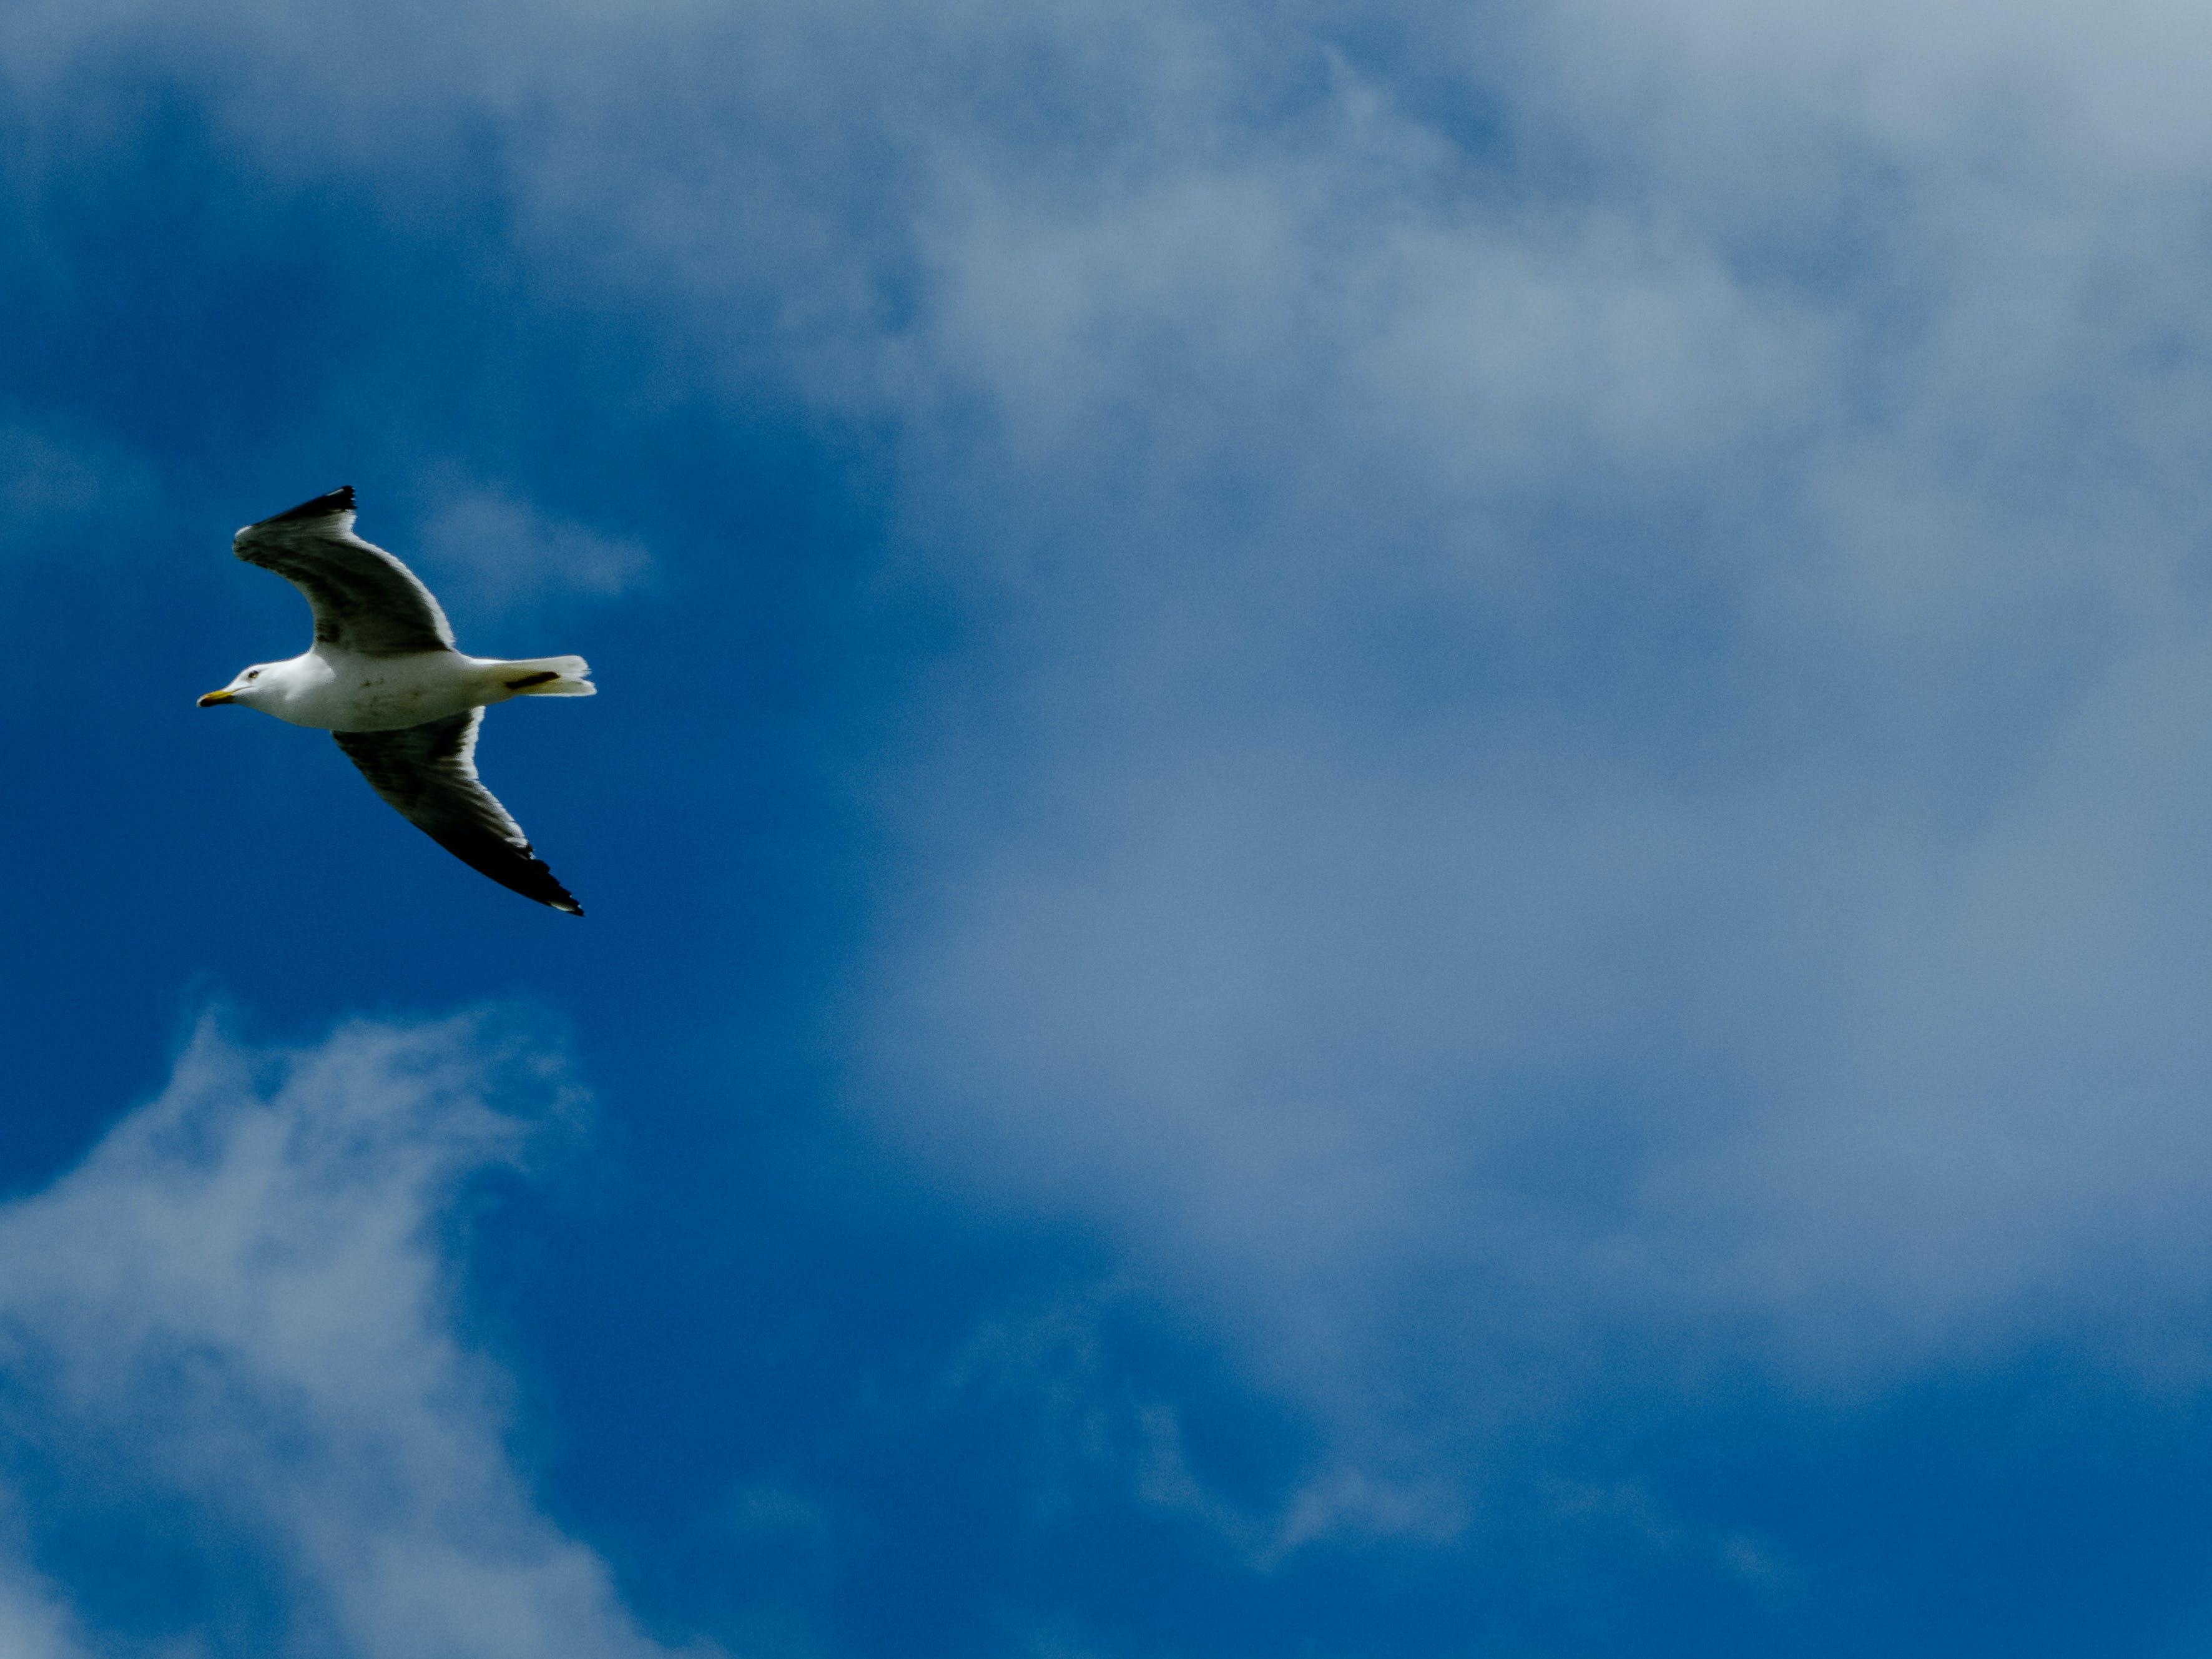 Δωρεάν στοκ φωτογραφιών με γαλάζιος ουρανός, θαλάσσιο πουλί, κλουβί, μπλε